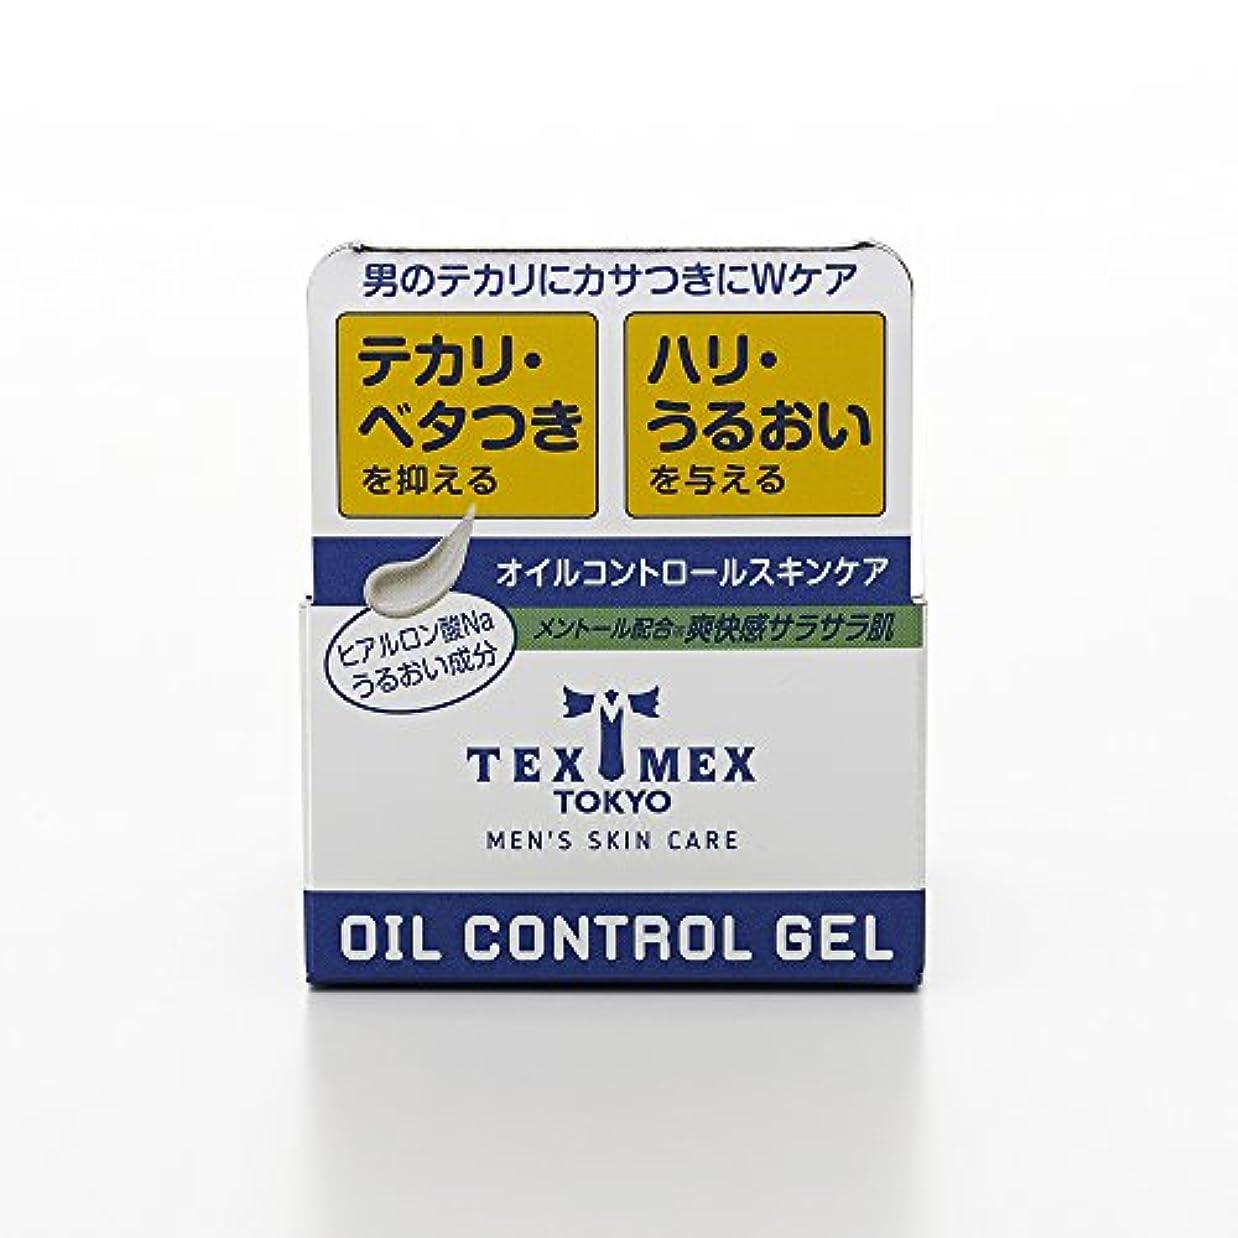 異常な無効にする近傍テックスメックス オイルコントロールジェル 24g (テカリ防止ジェル) 【塗るだけでサラサラ肌に】